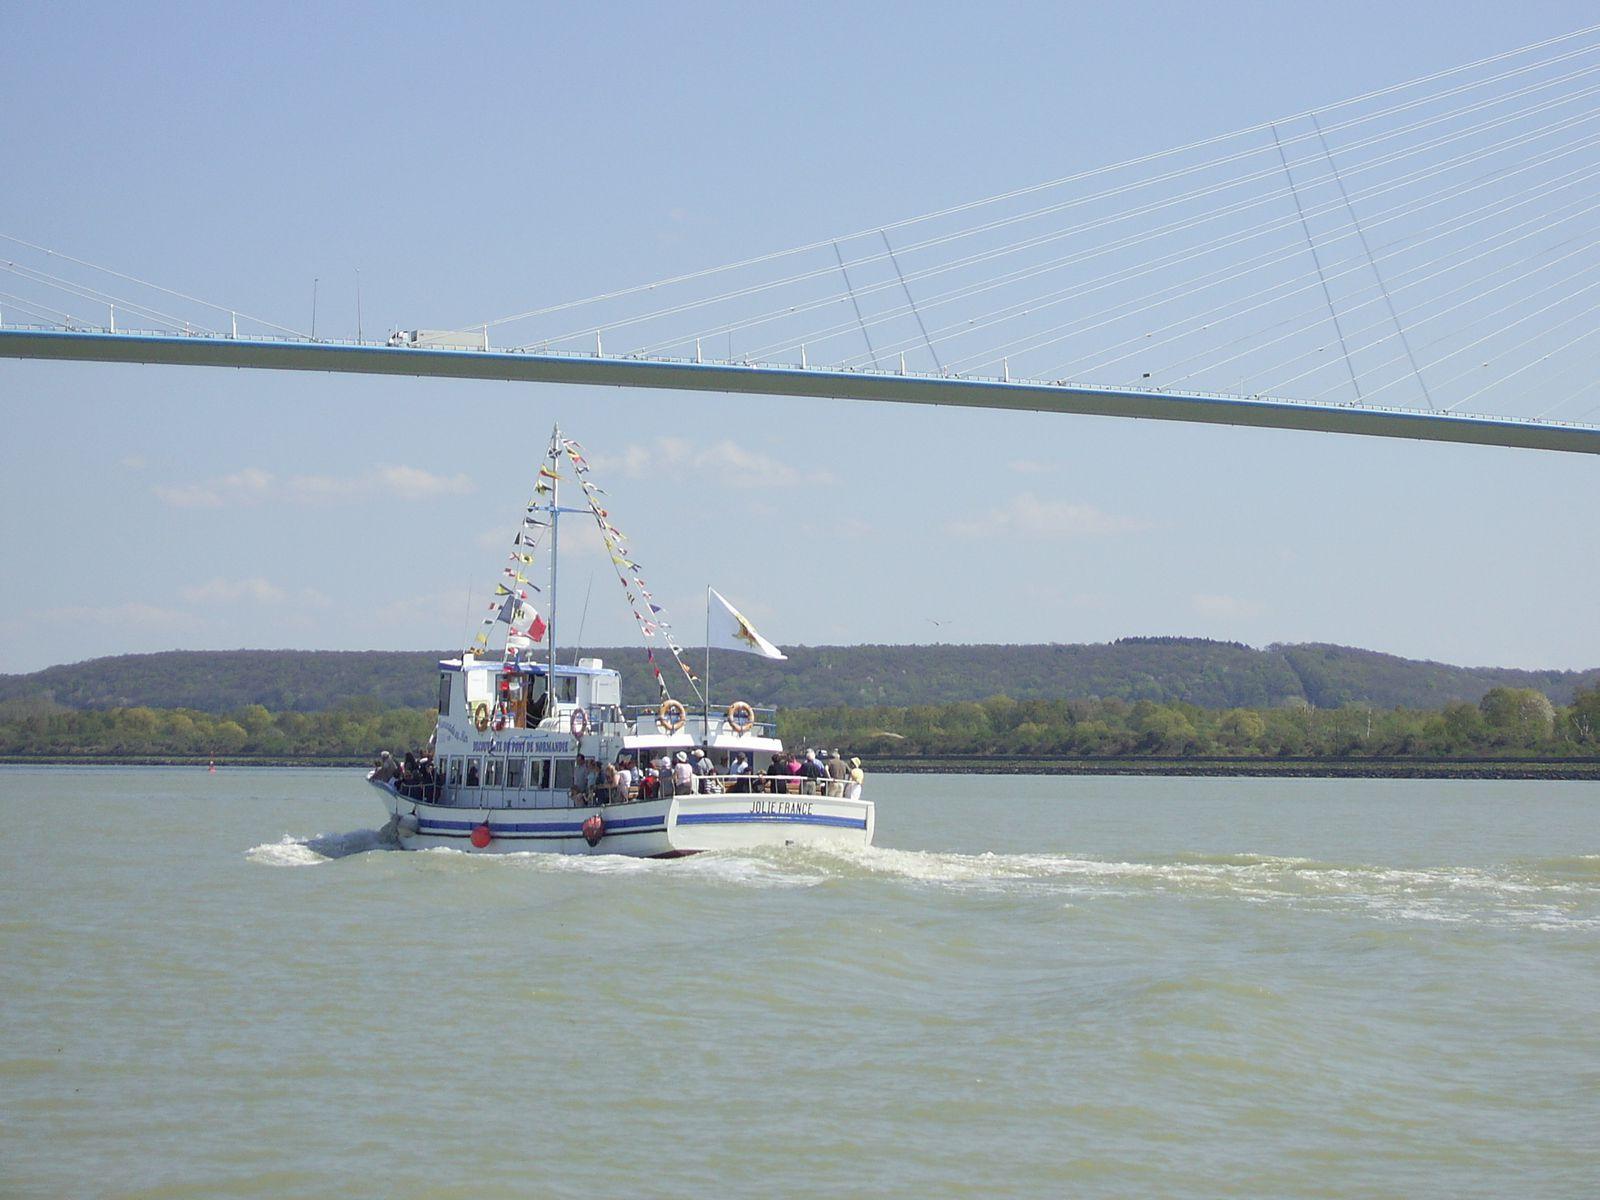 A Honfleur, nous avons pris le bateau pour aller découvrir le pont de Normandie. Il s'agit d'un pont à haubans, c'est-à-dire que sa plate-forme horizontale, le tablier, est suspendue par des câbles issus de pilônes (alors que les ponts suspendus ont leurs câbles ancrés sur les rives). Sa construction a débuté en 1988 et s'est achevée en 1995. Hormis le pont, rien d'autre à voir durant la balade. A déconseiller donc, sauf si vous avez envie de prendre l'air marin durant 1 h 30.